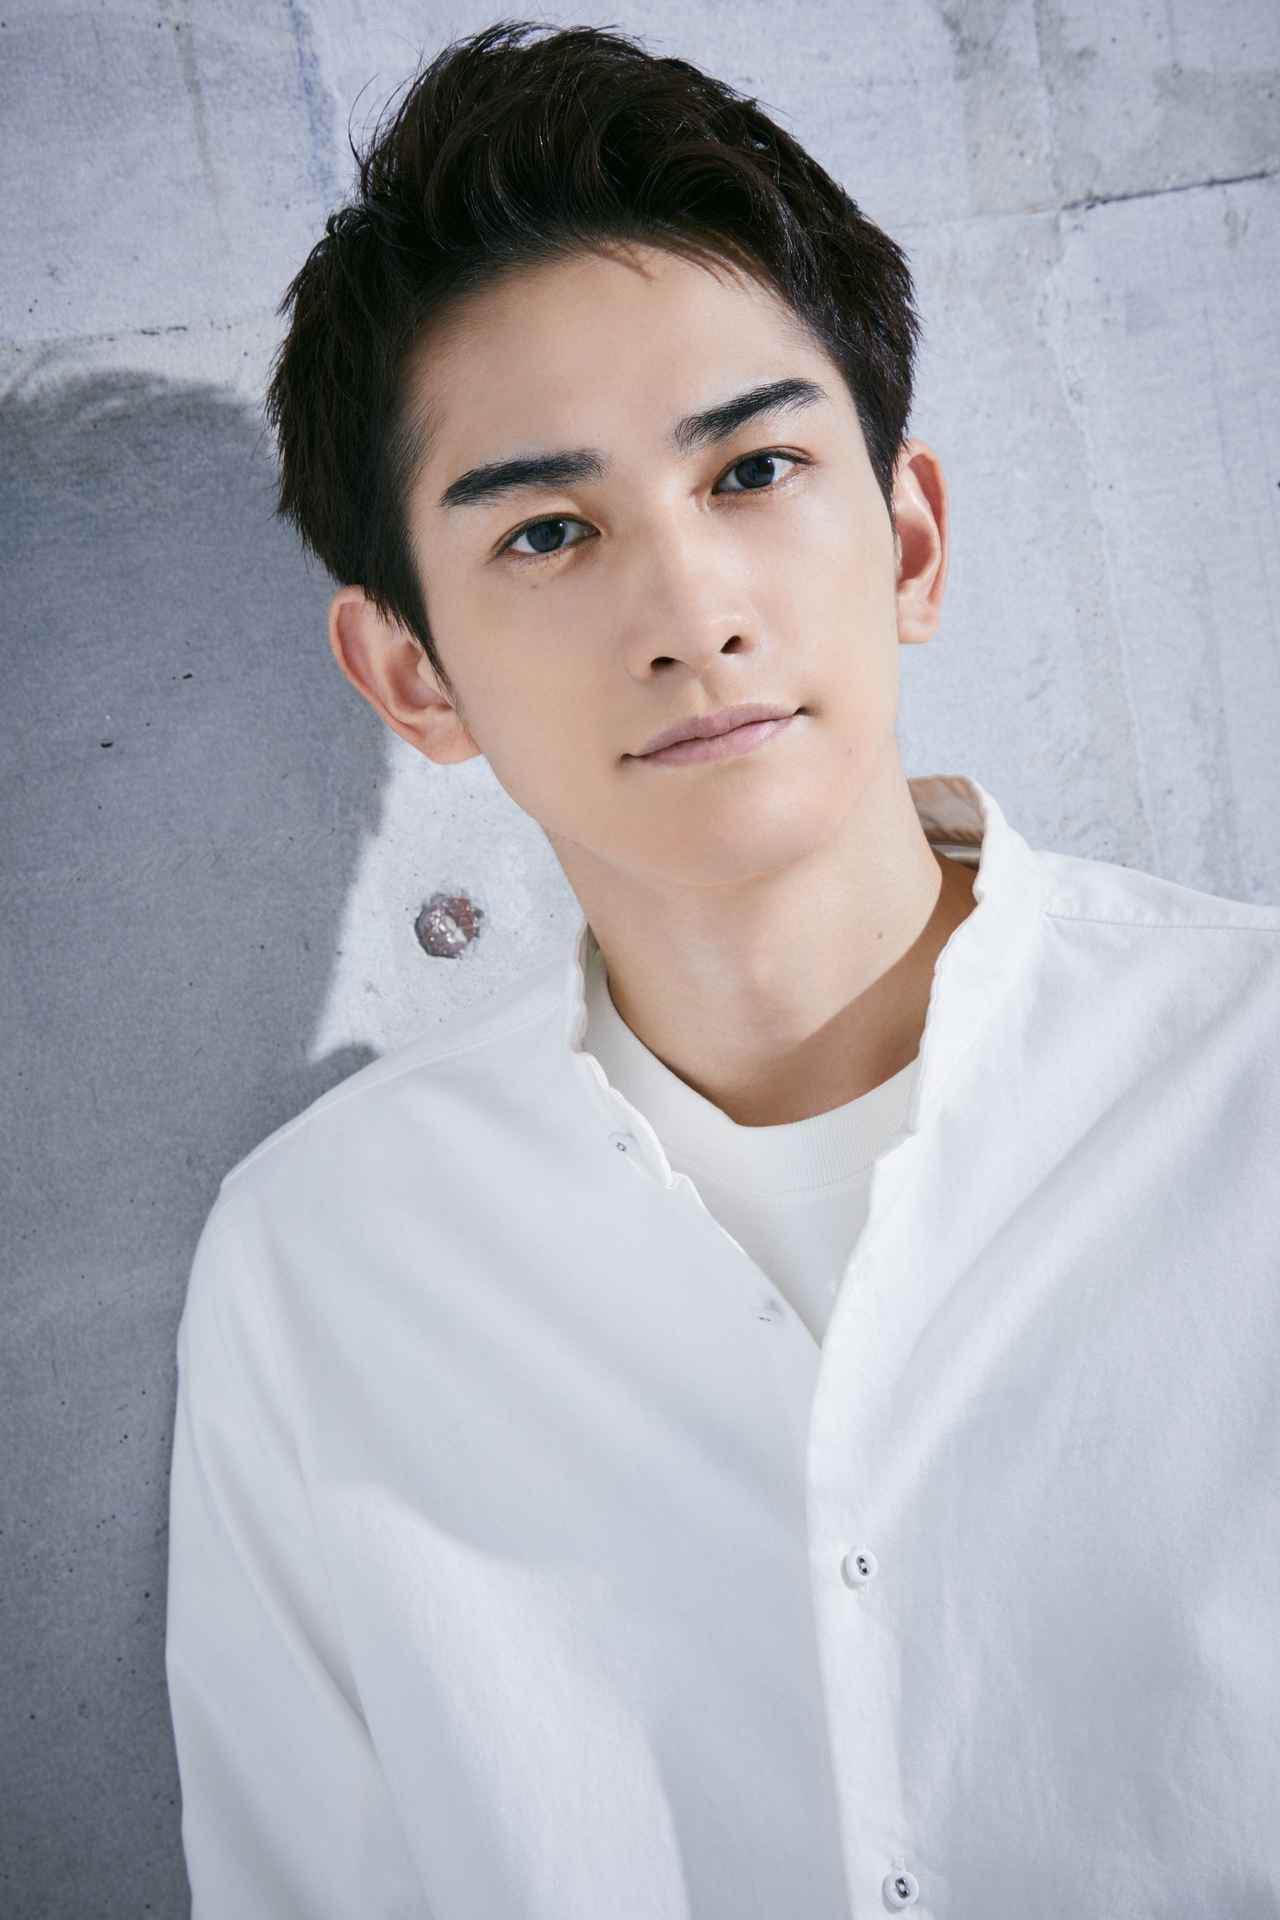 画像3: 劇団EXILE 青柳翔×町田啓太「JAM -the drama-」インタビュー